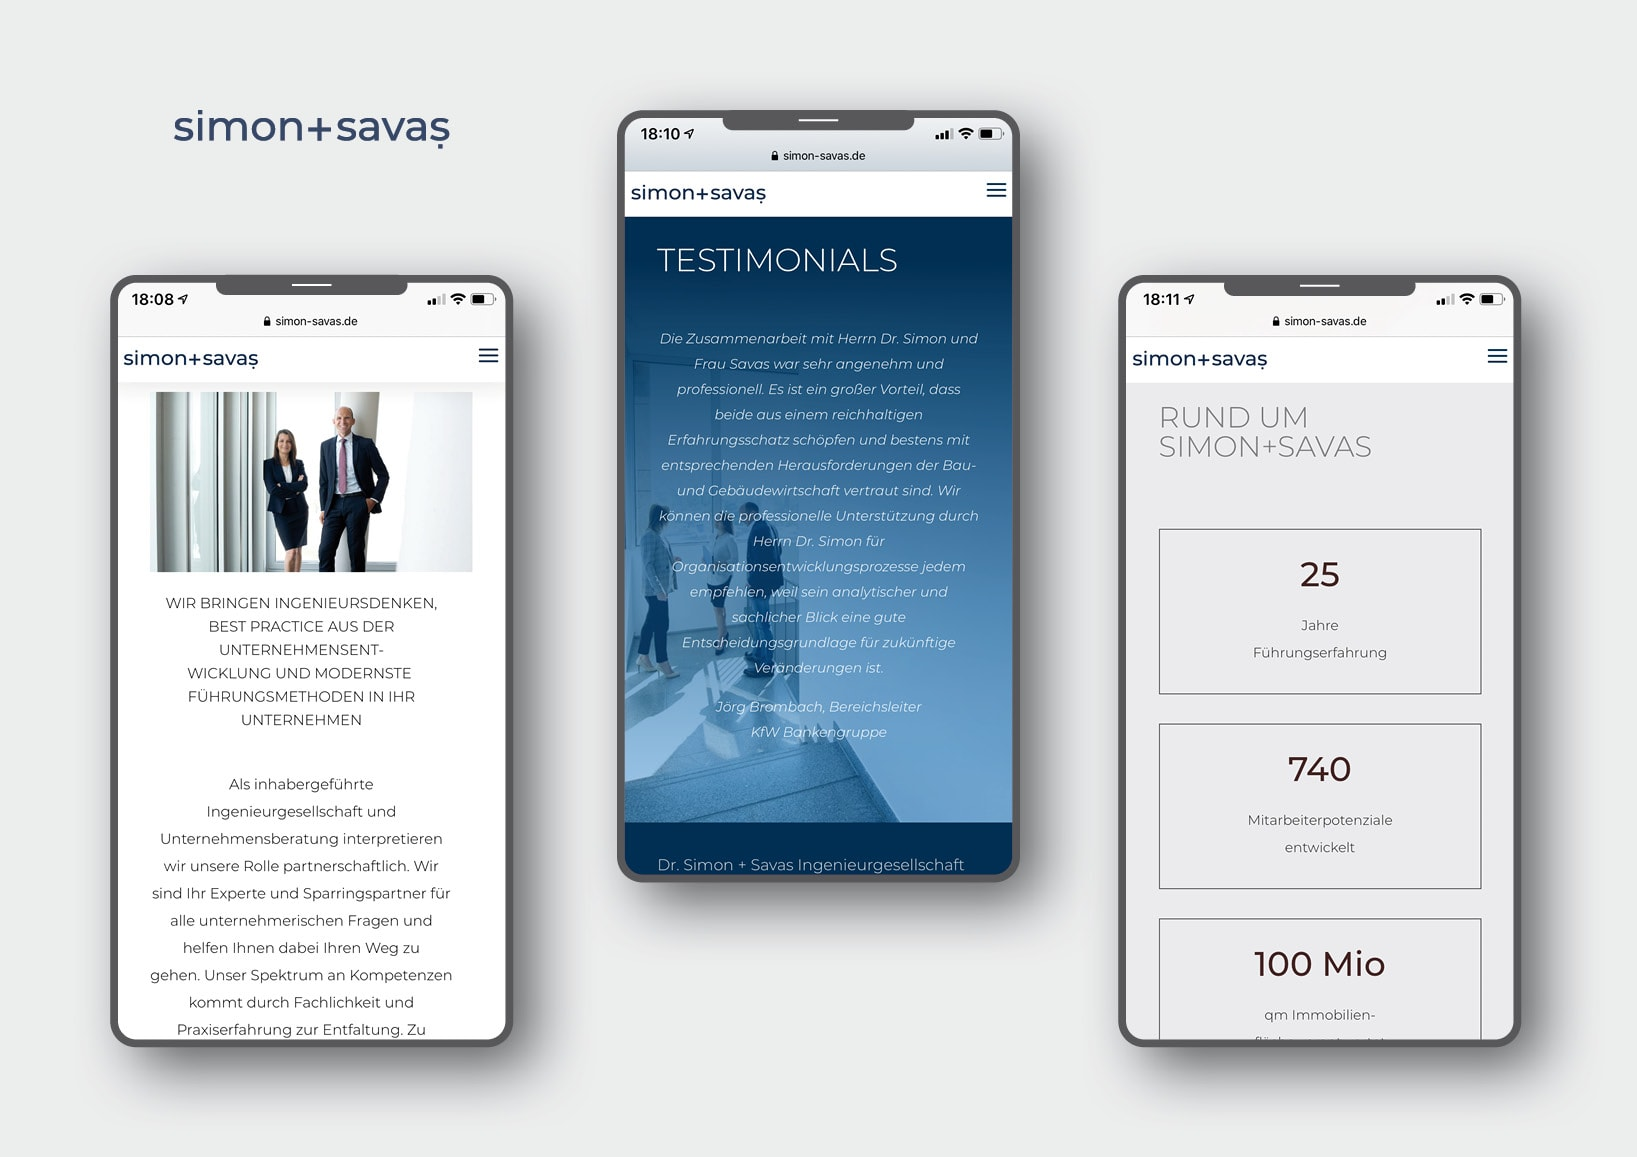 Corporate Design und Homepage Entwicklung für Ingenieurgesellschaft und Unternehmensberatung Dr. Simon + Savaş Ingenieurgesellschaft mbH